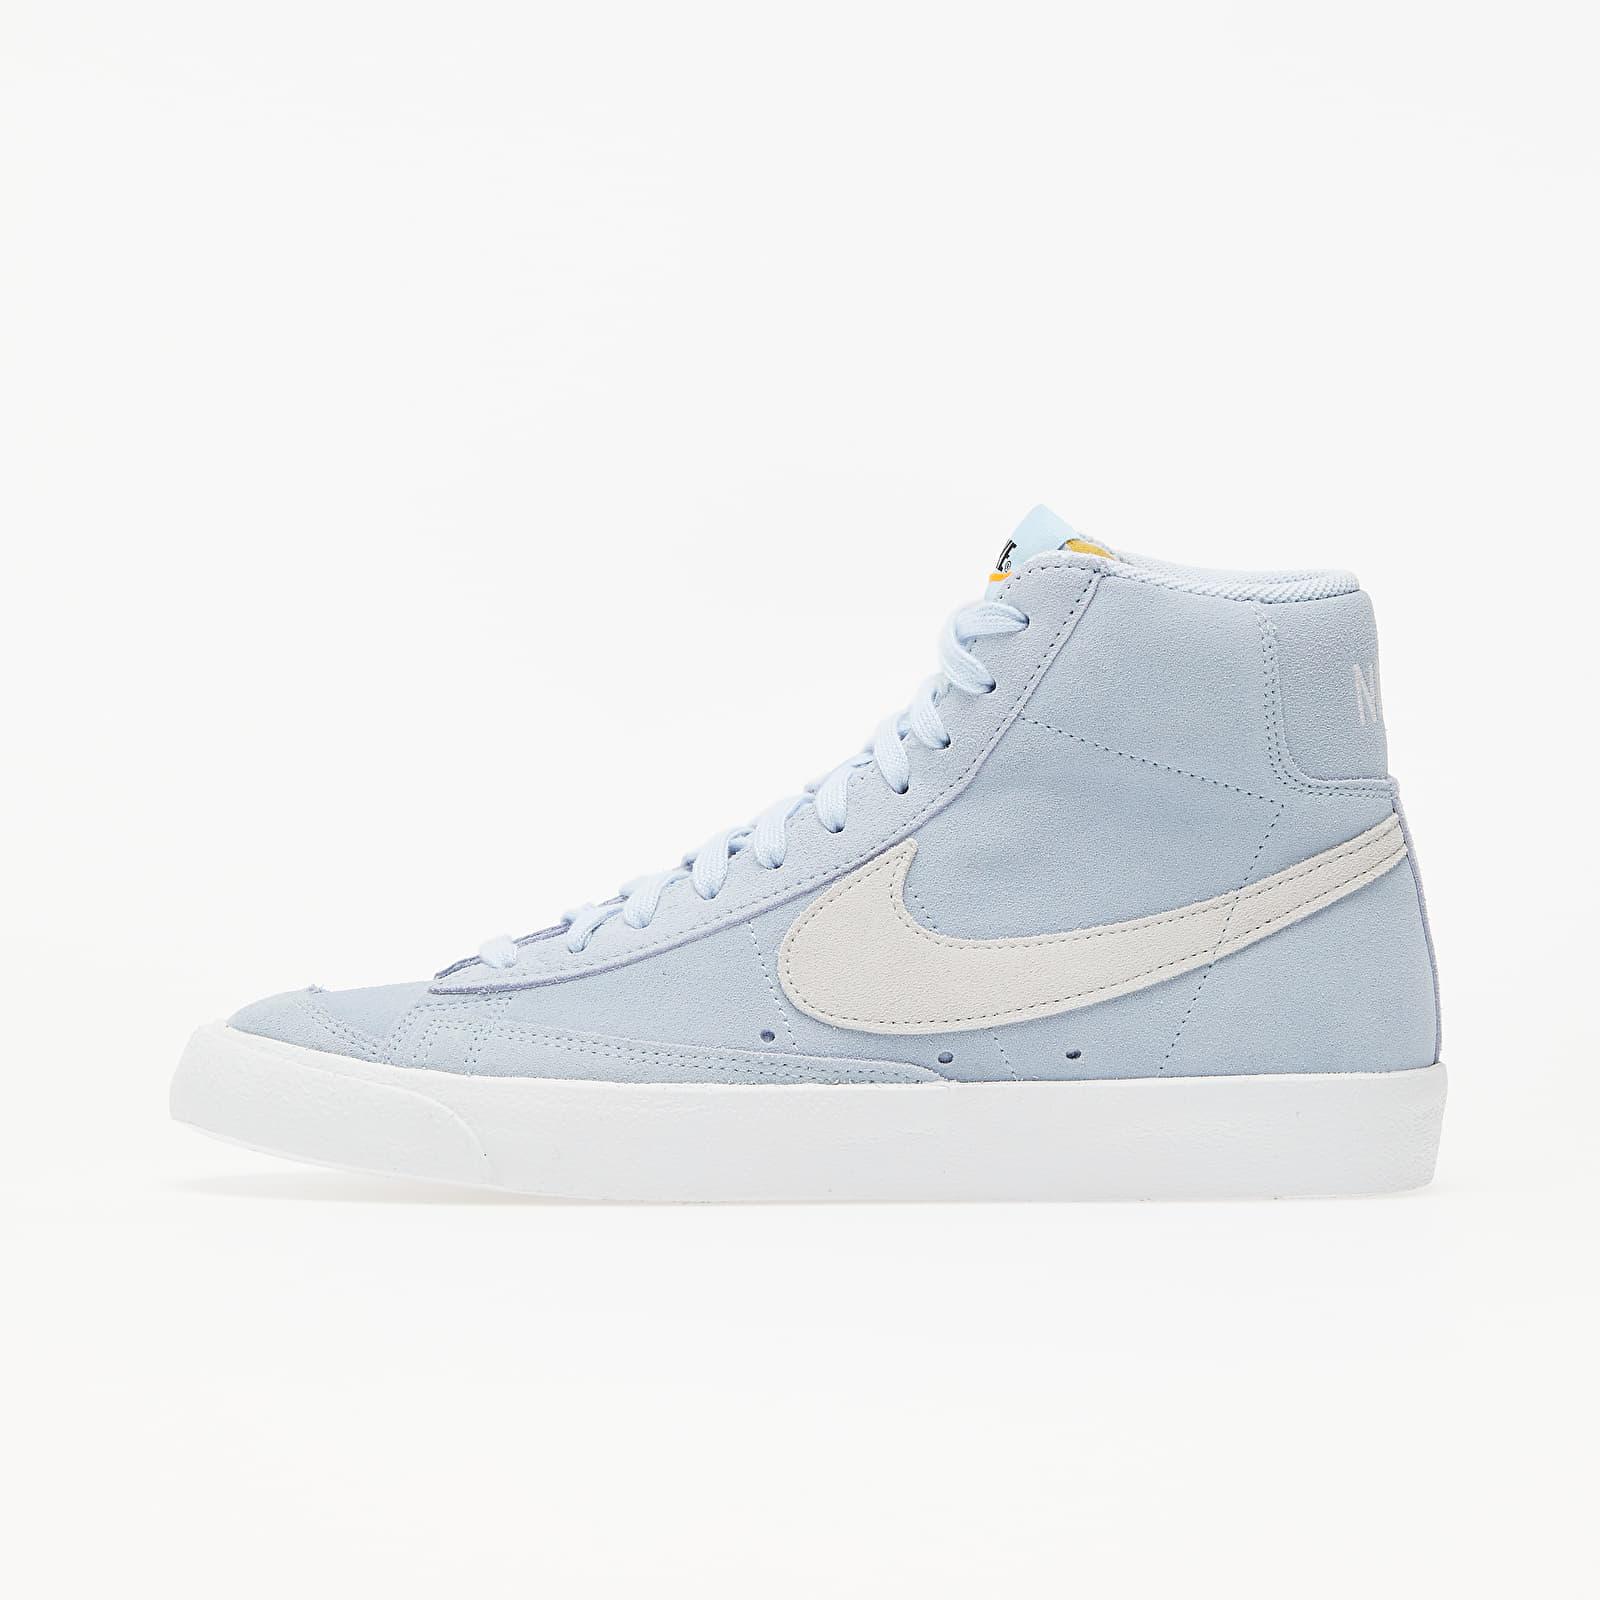 Nike Blazer Mid '77 Suede Hydrogen Blue/ White-White | Footshop